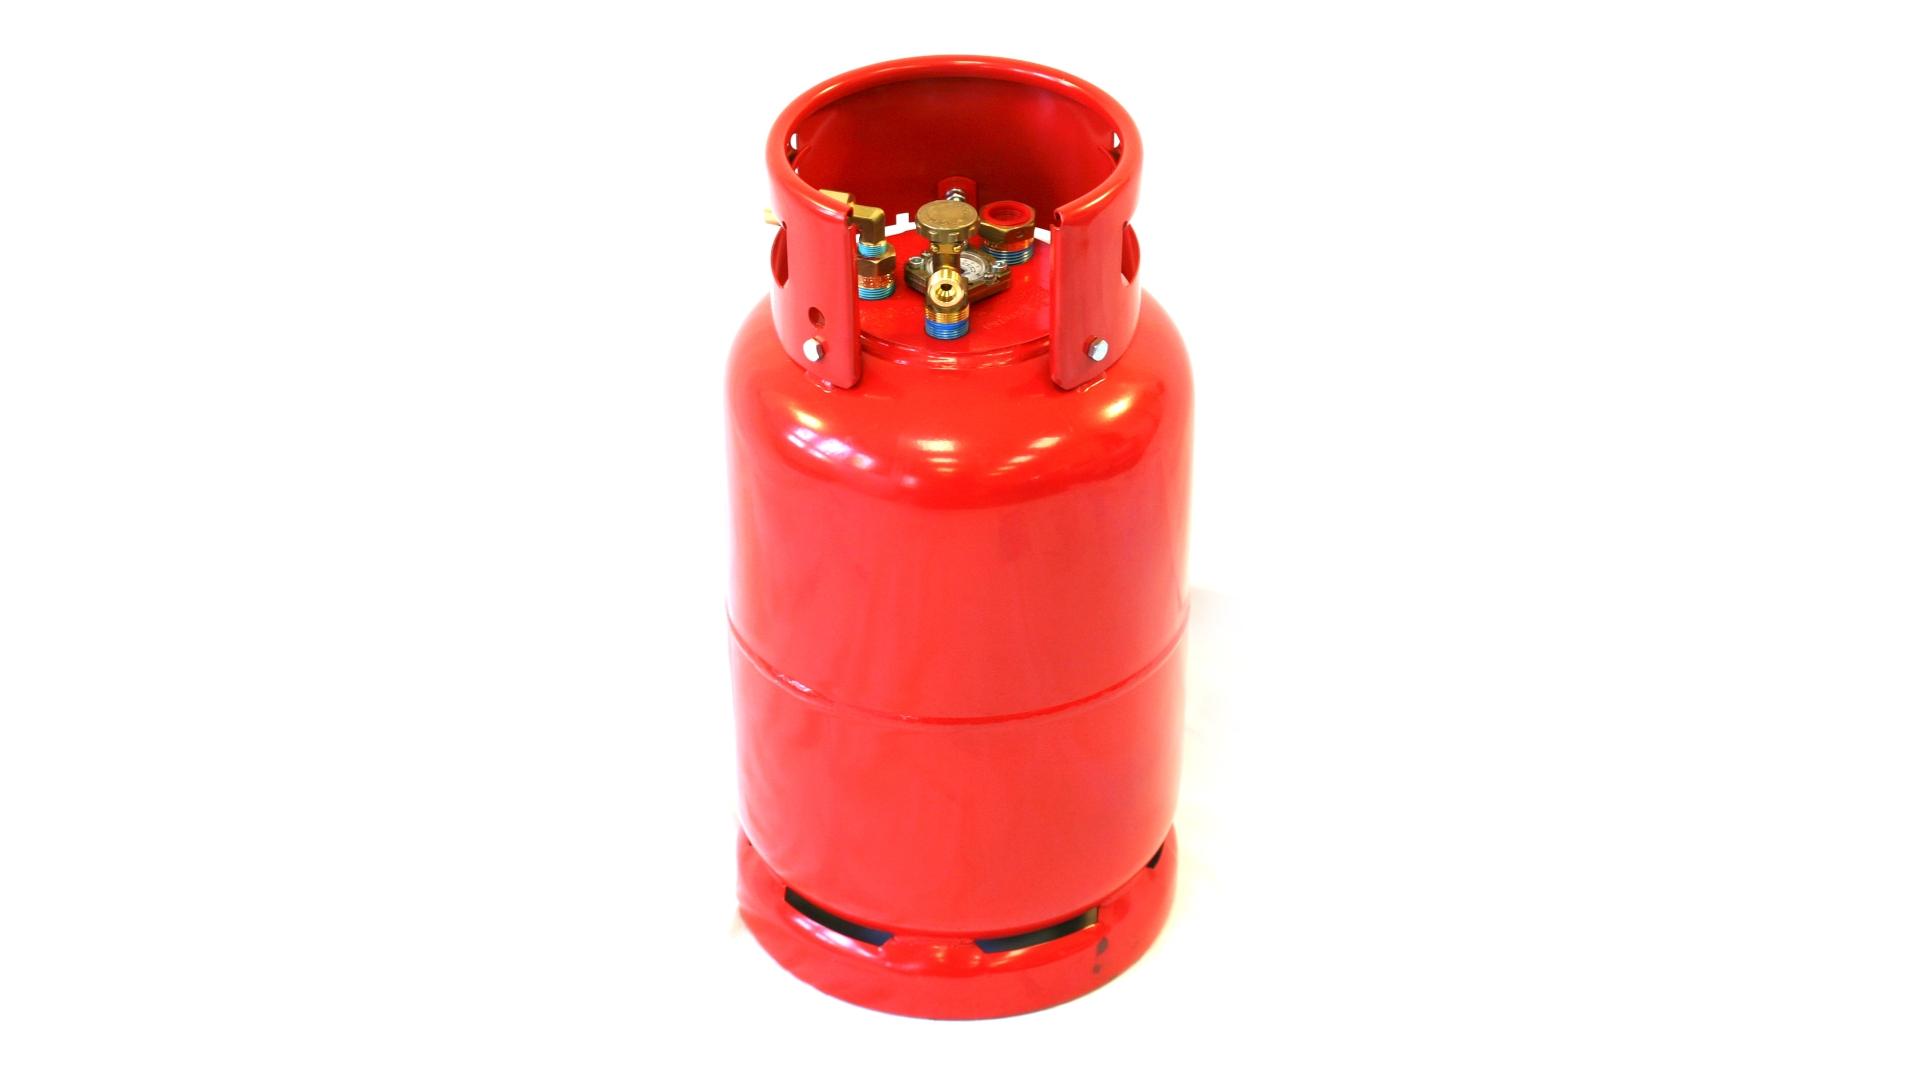 GZWM Tankflasche 36 Liter mit 3 Punktventil